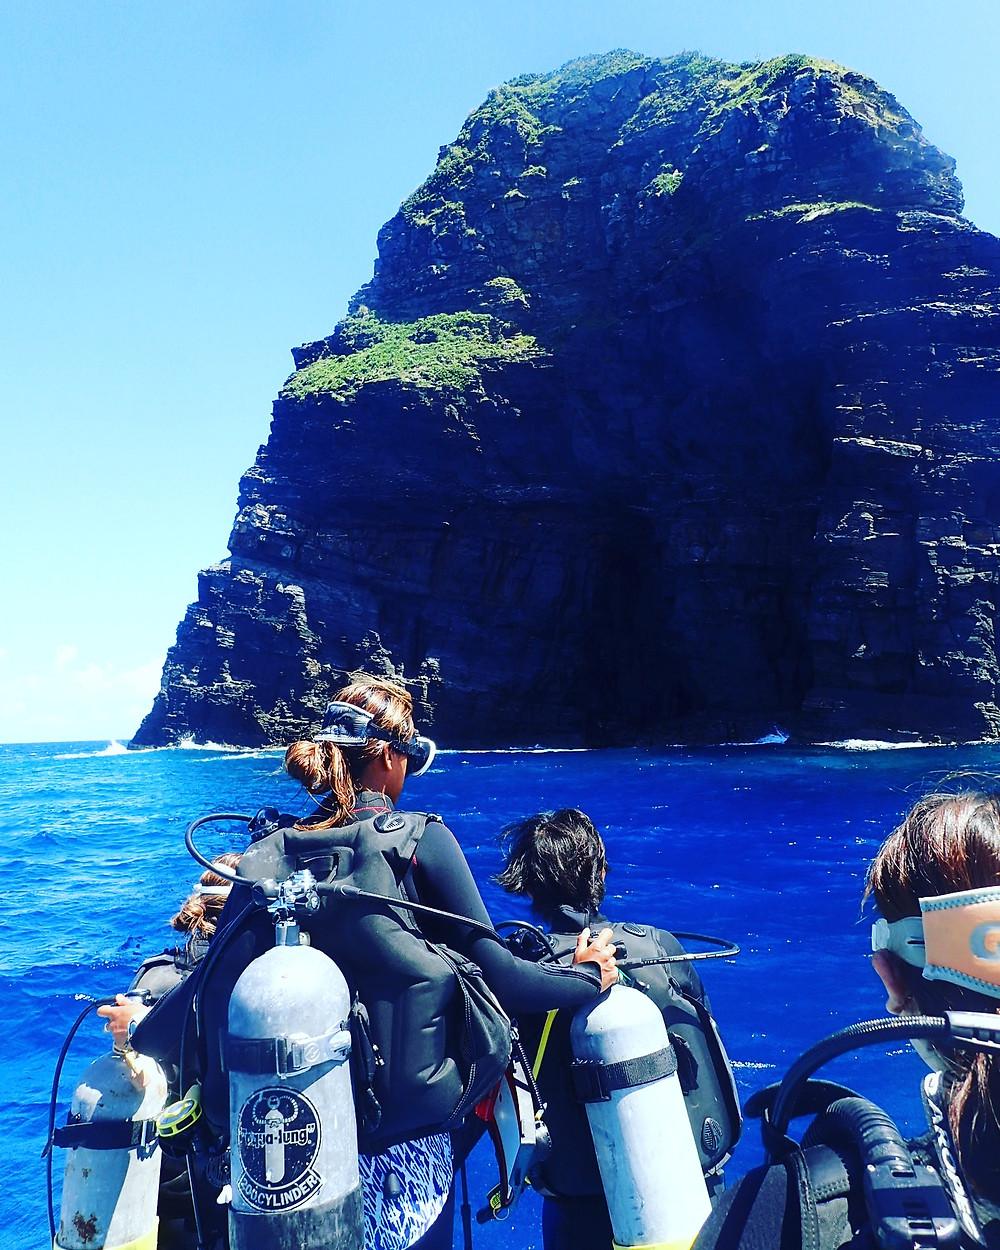 沖縄 慶良間 ケラマ ドリフトダイビング ボートダイビング ファンダイビング